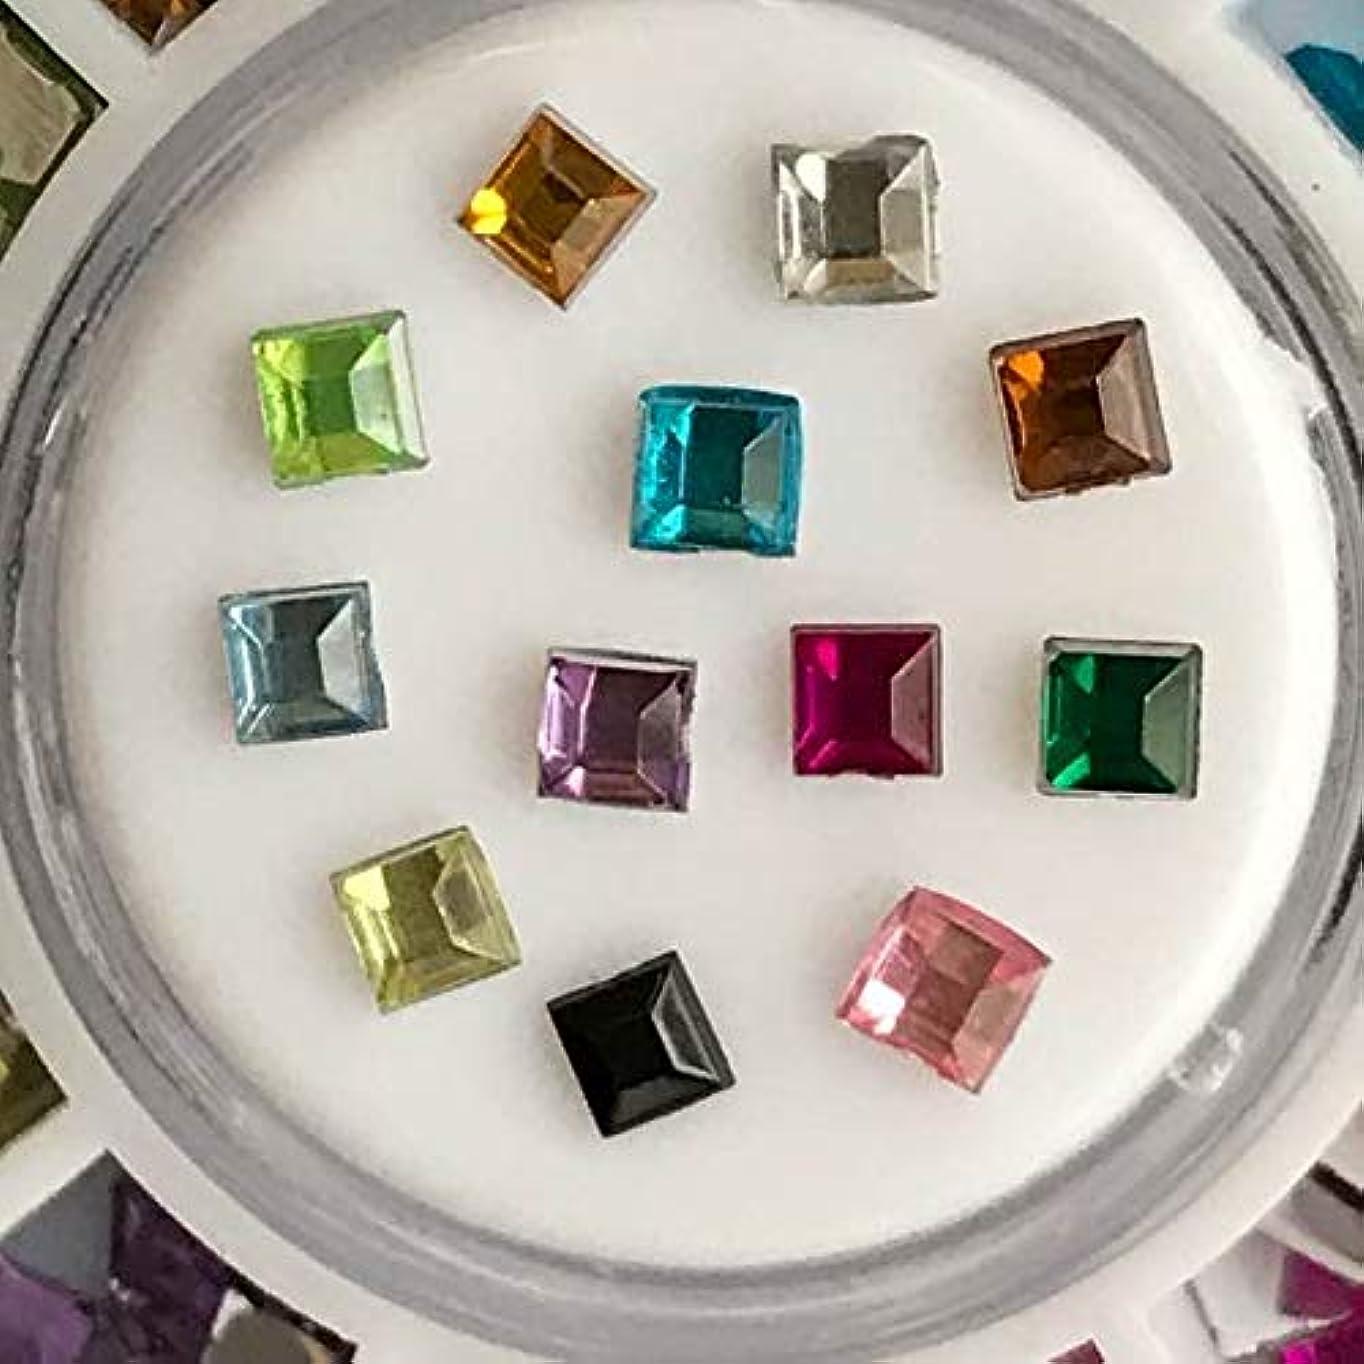 アクリルラインストーン12色セットネイル用DIYアクセサリーハンドメイド素材パーツ (スクエア四角形)